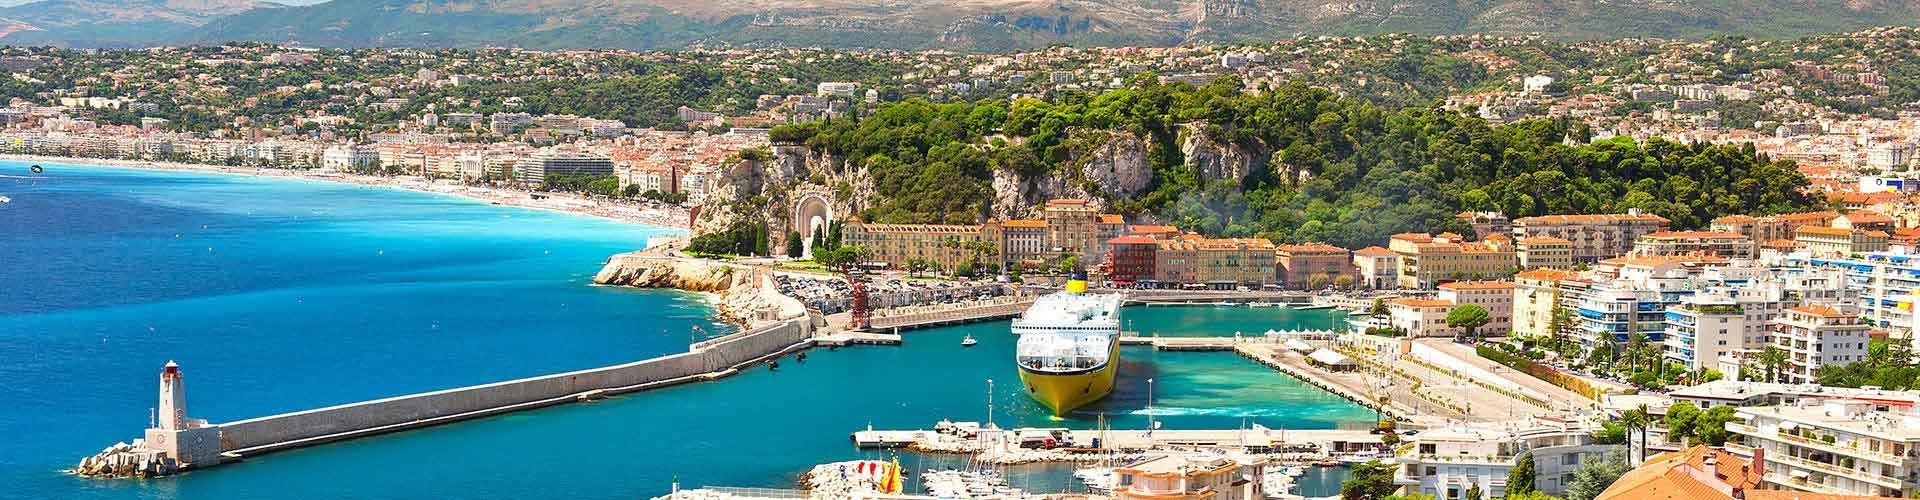 Niza - Albergues en Niza. Mapas de Niza, Fotos y Comentarios para cada Albergue en Niza.